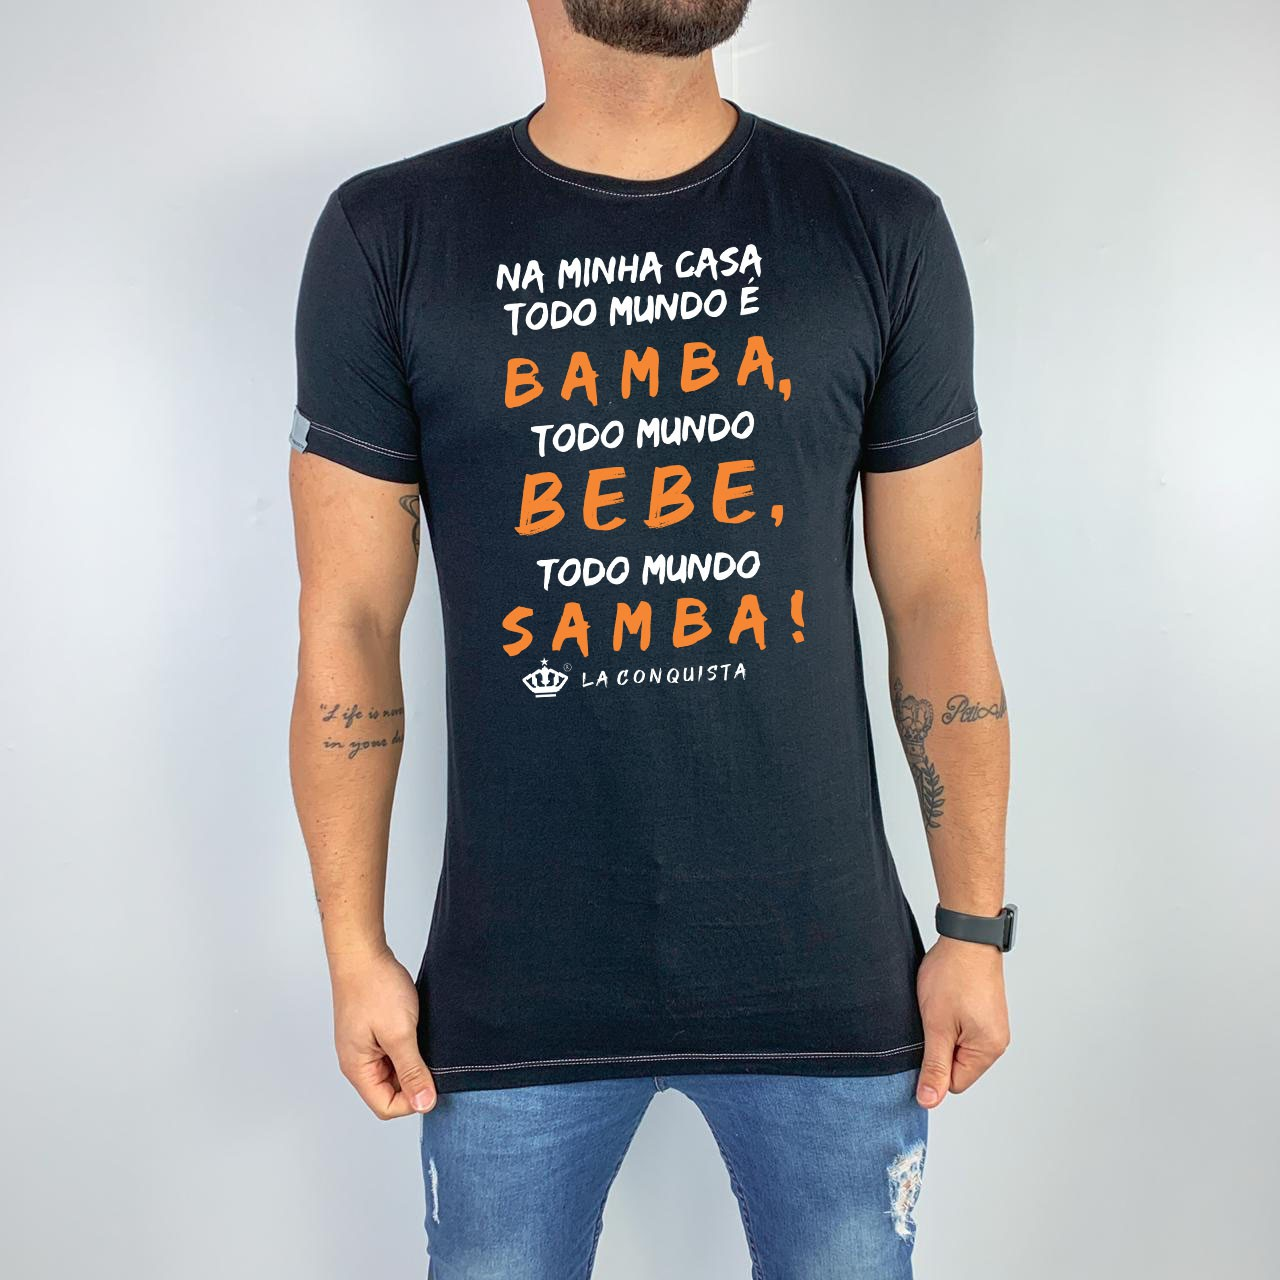 Camiseta Na minha casa todo mundo samba